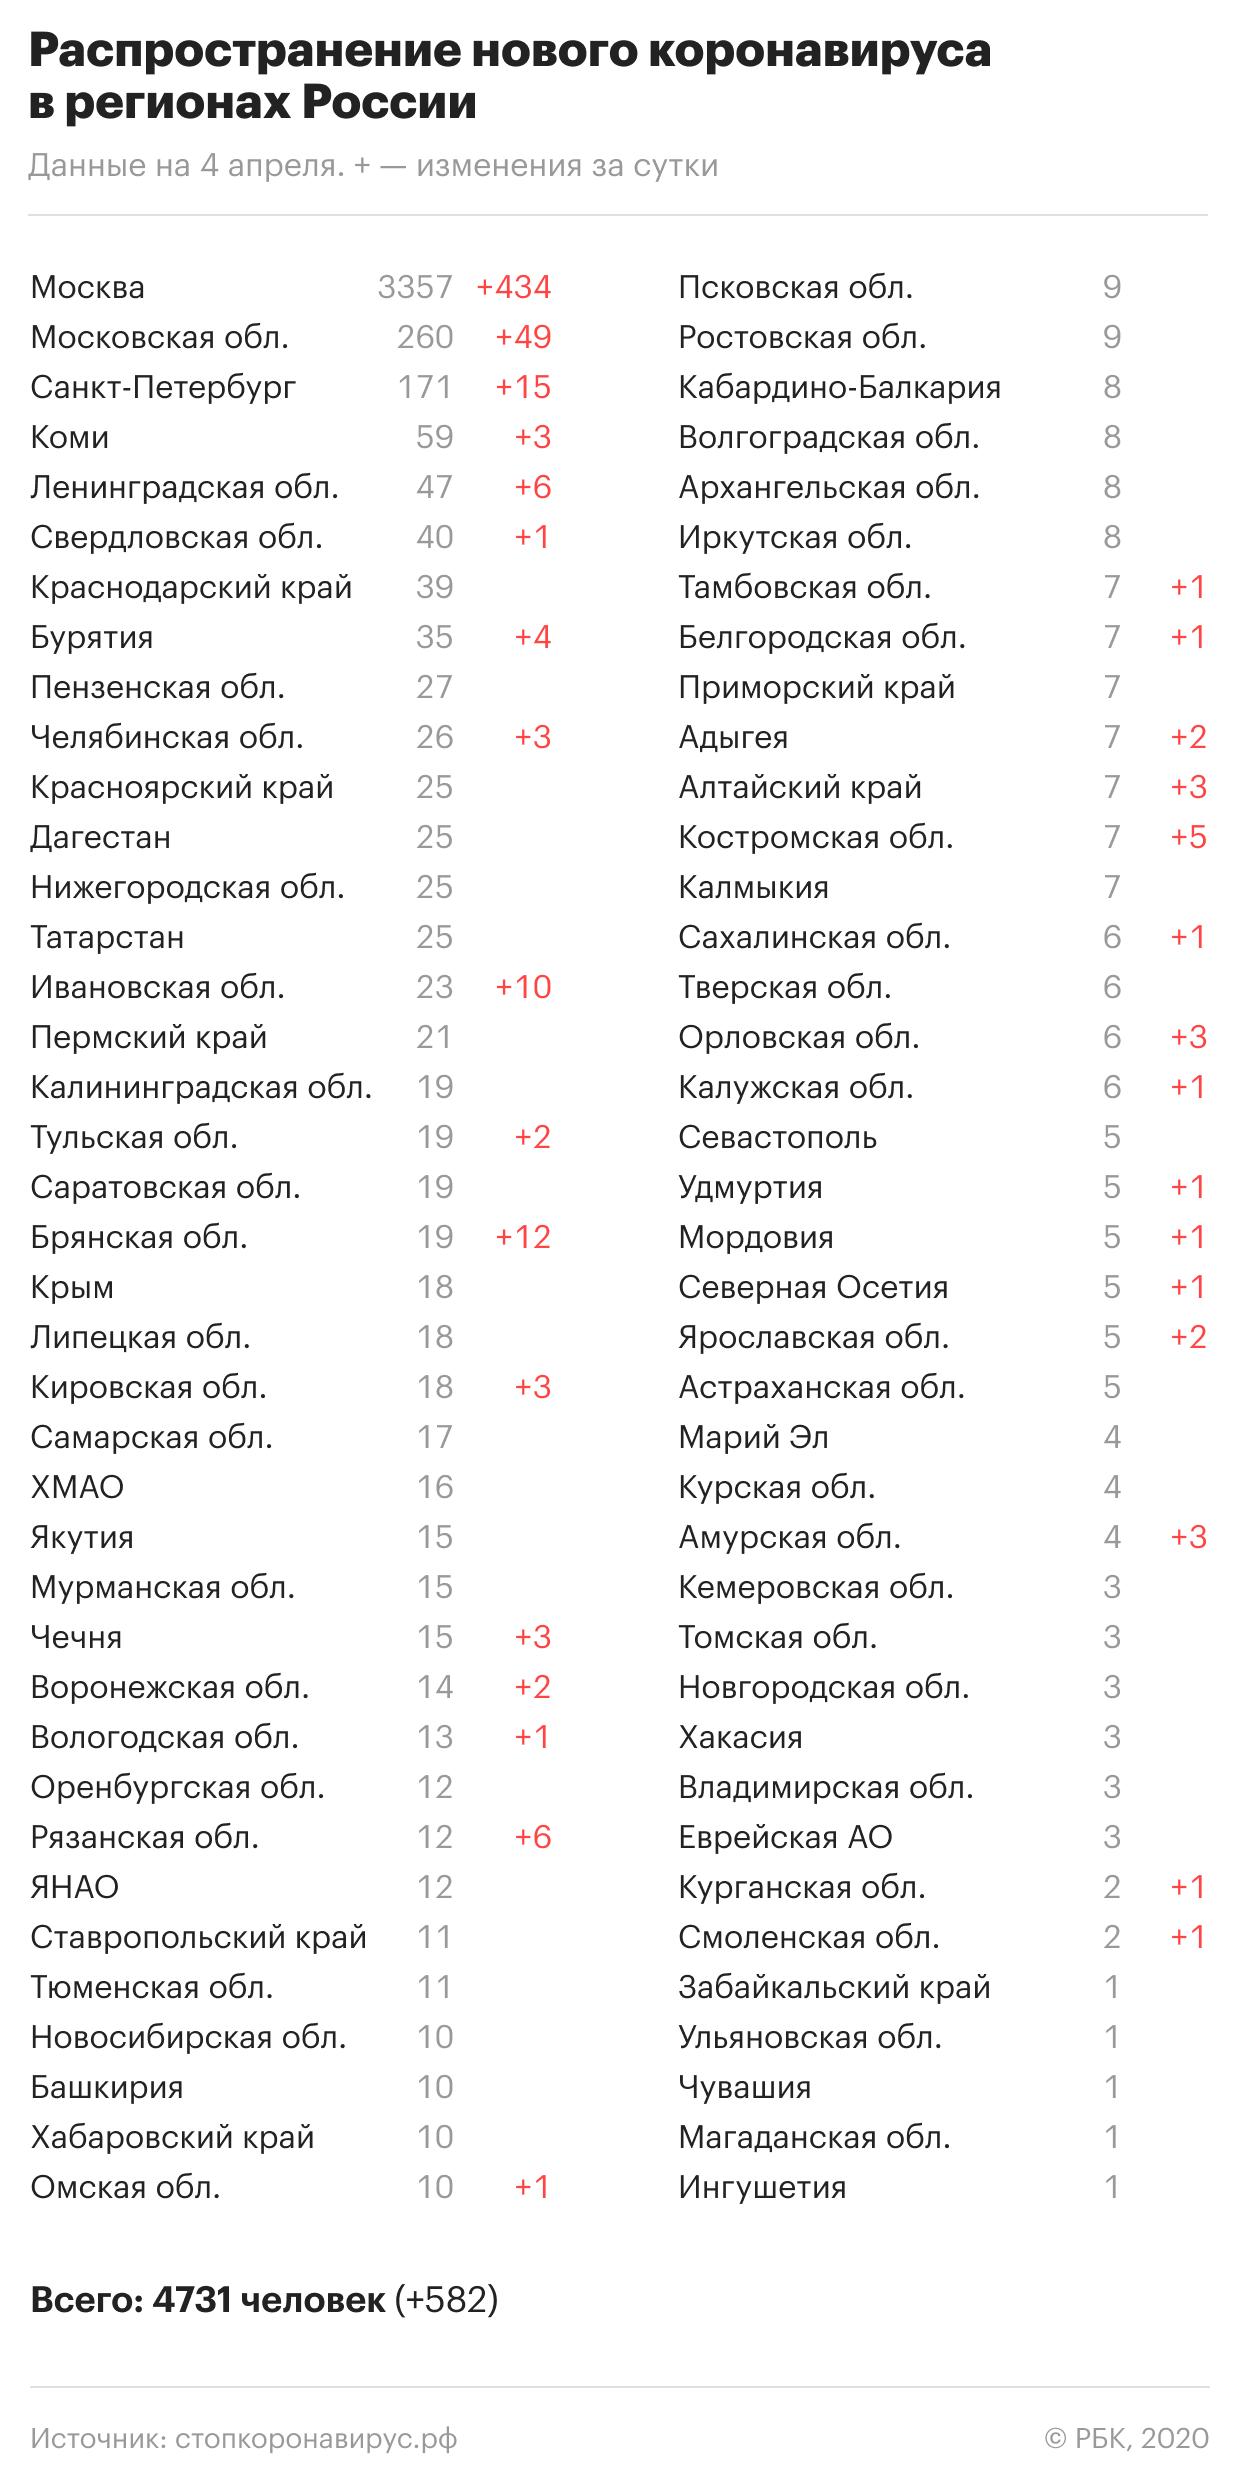 Коронавирус в России: Где и сколько заболевших на сегодня, последние новости на 5 апреля 2020 — За фэйки о вирусе установлен штраф до 100 тр, главное к этому часу